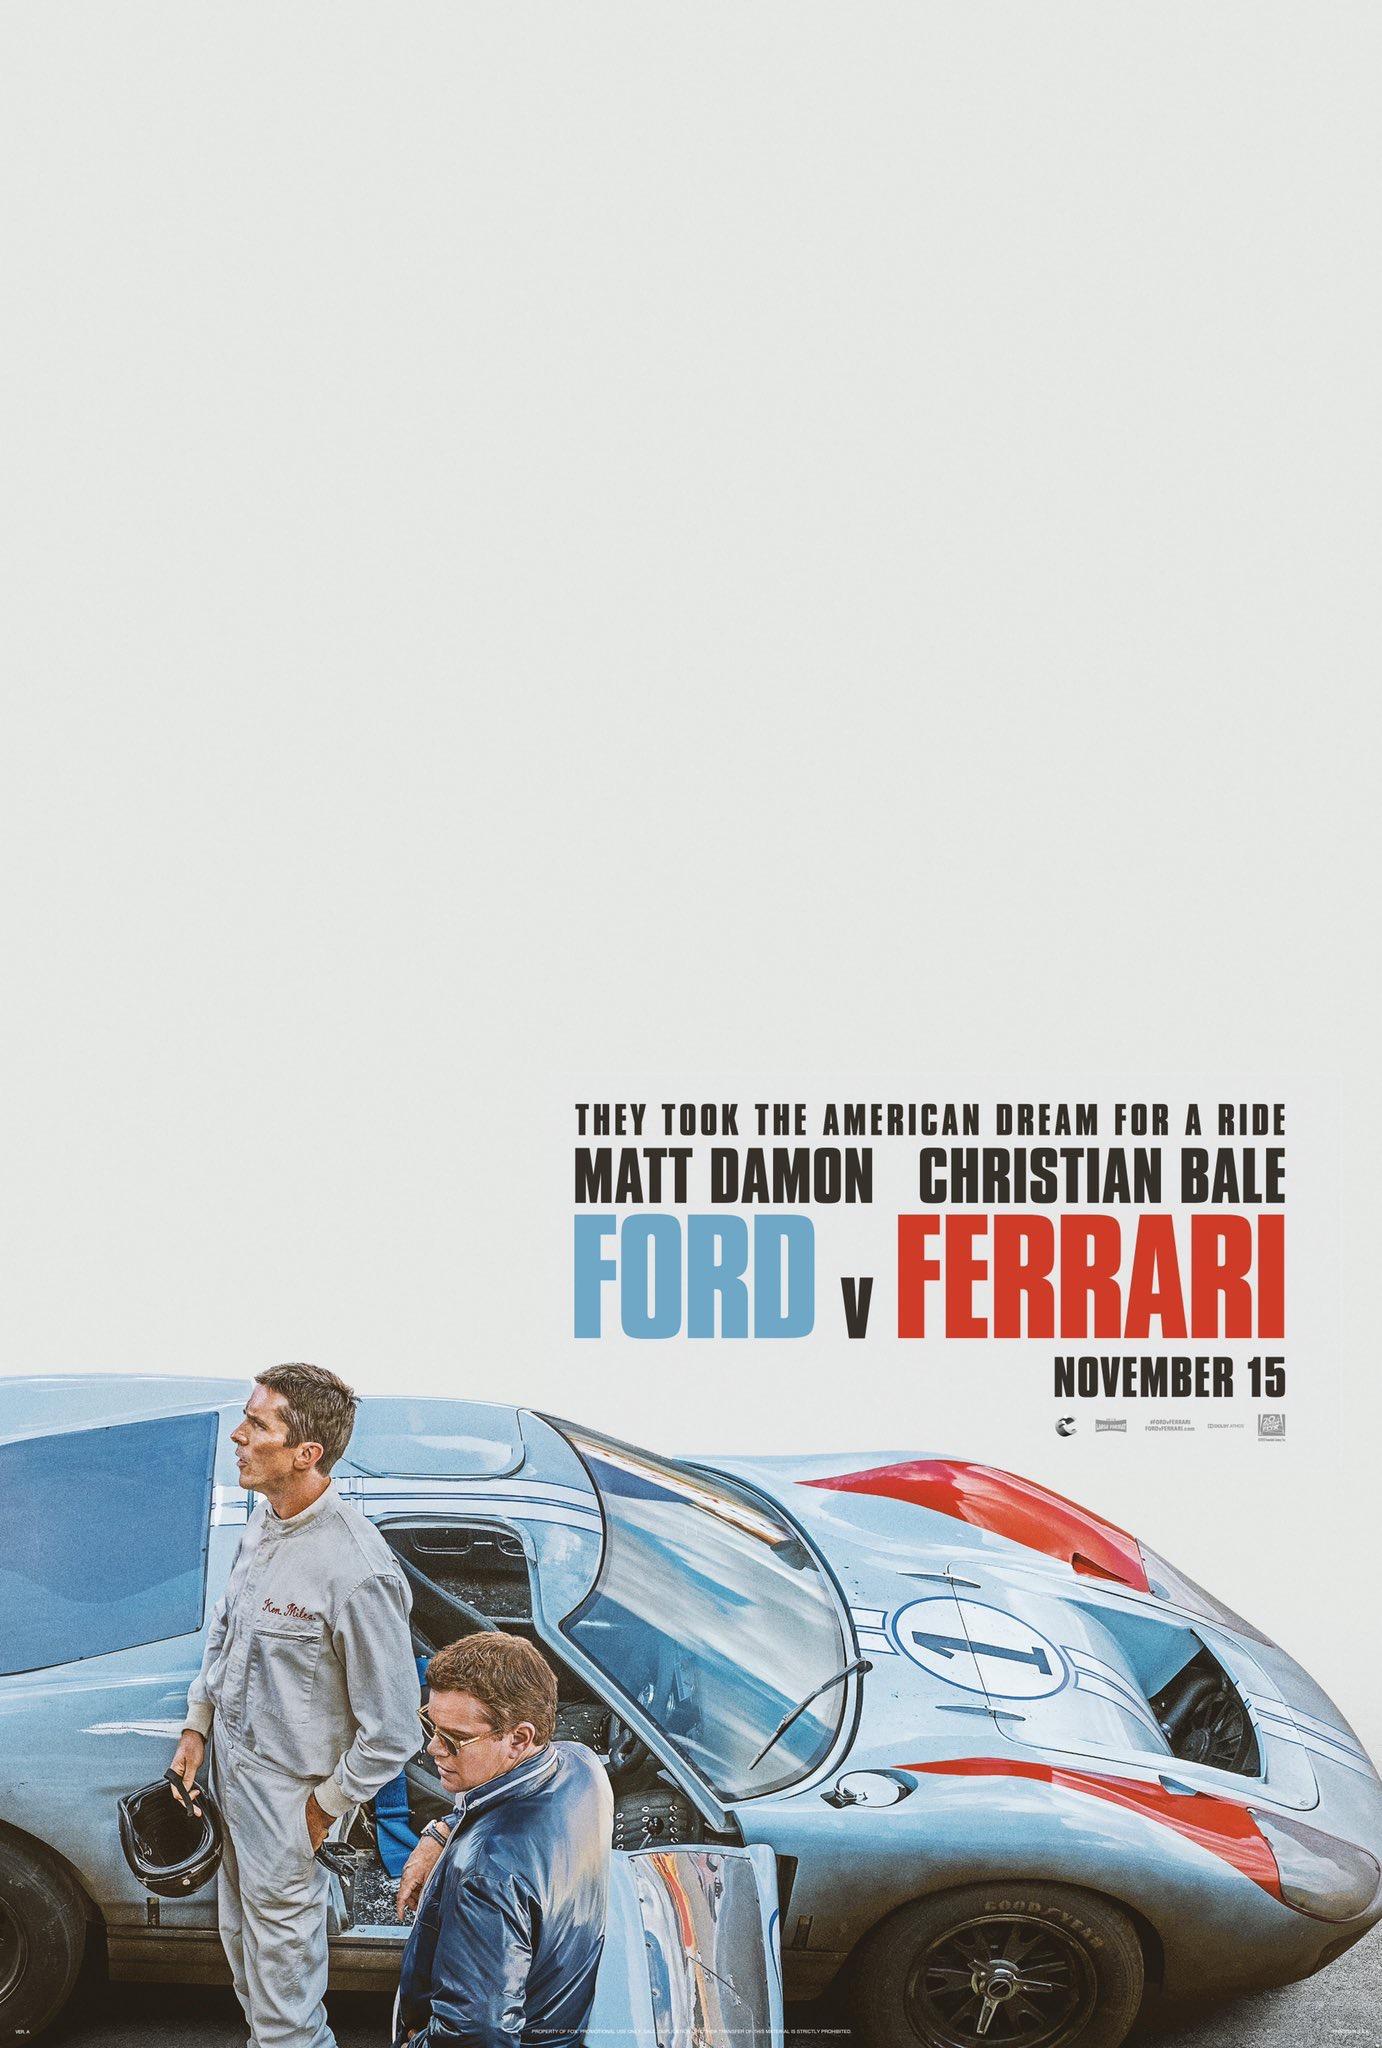 Ford V Ferrari Poster.jpg